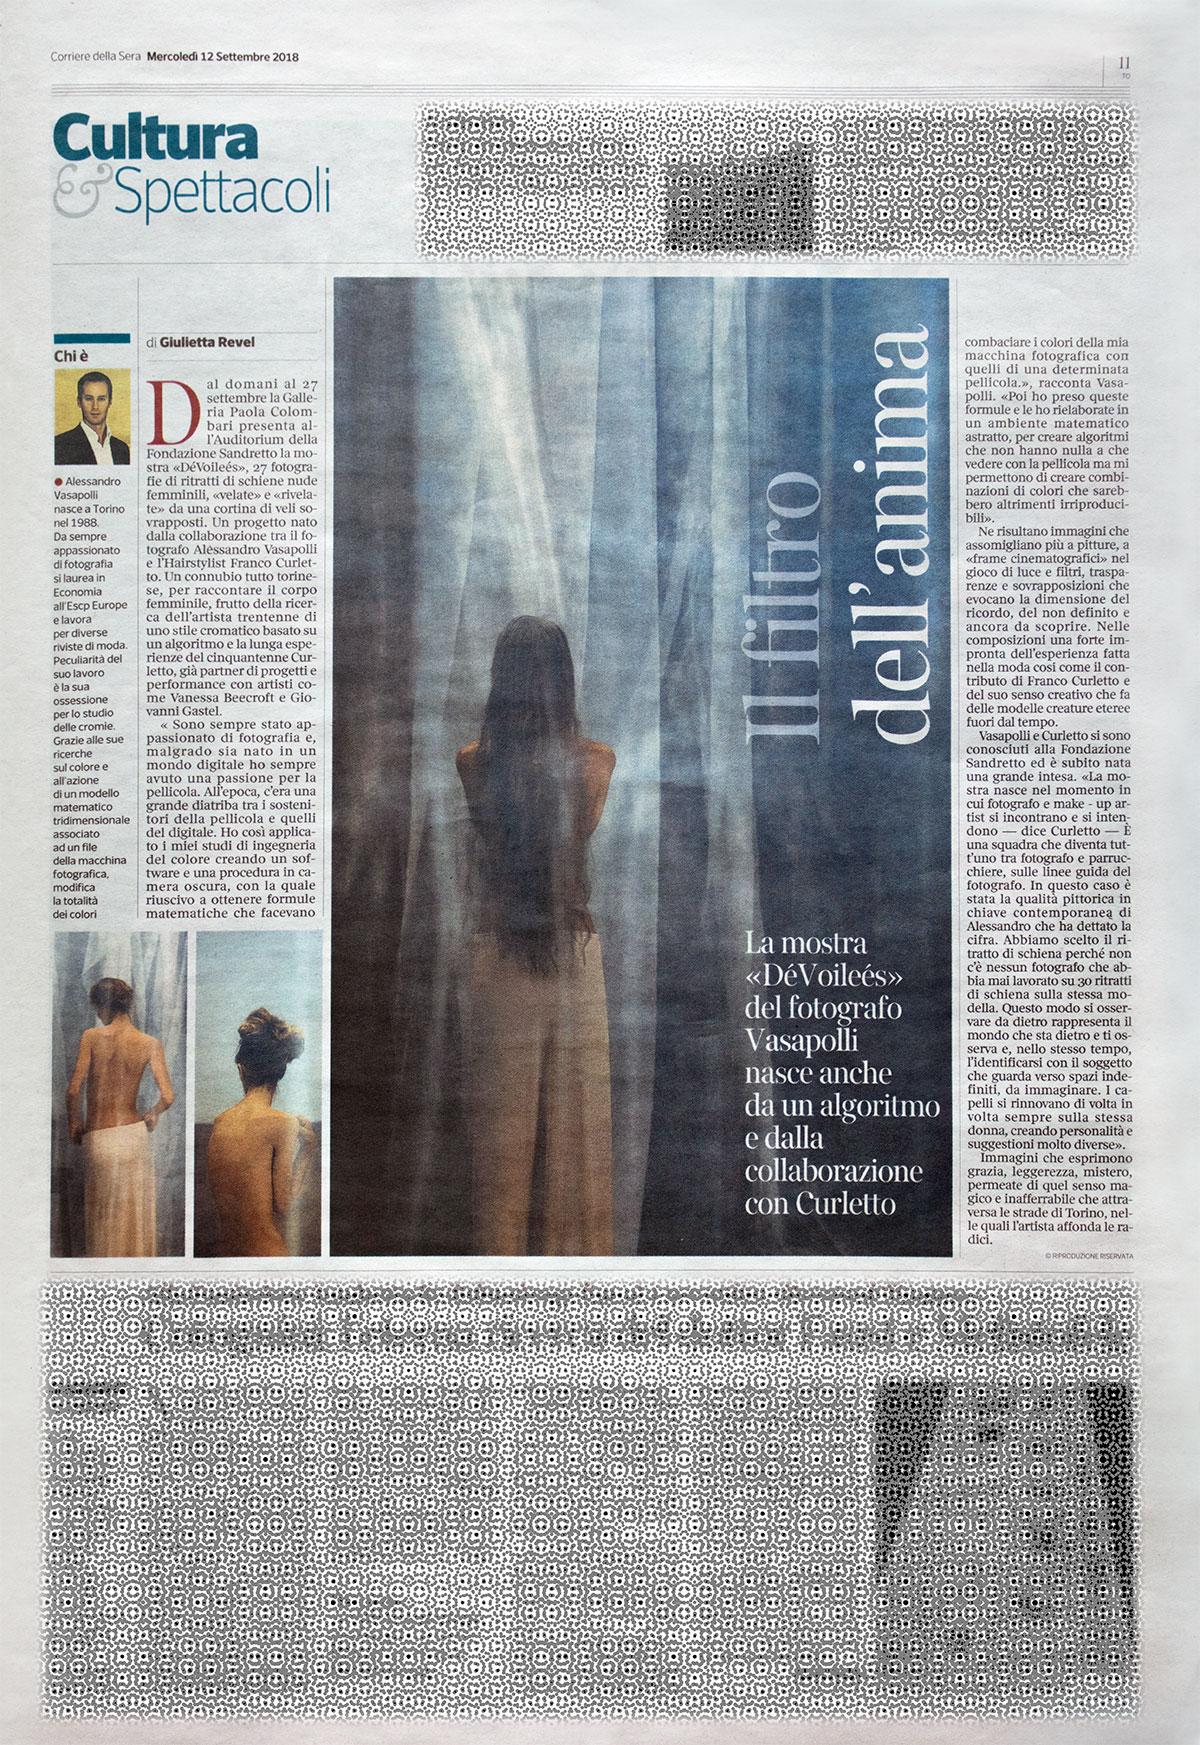 Articolo_Alessandro_Vasapolli_Corriere_della_Sera_DéVoilées